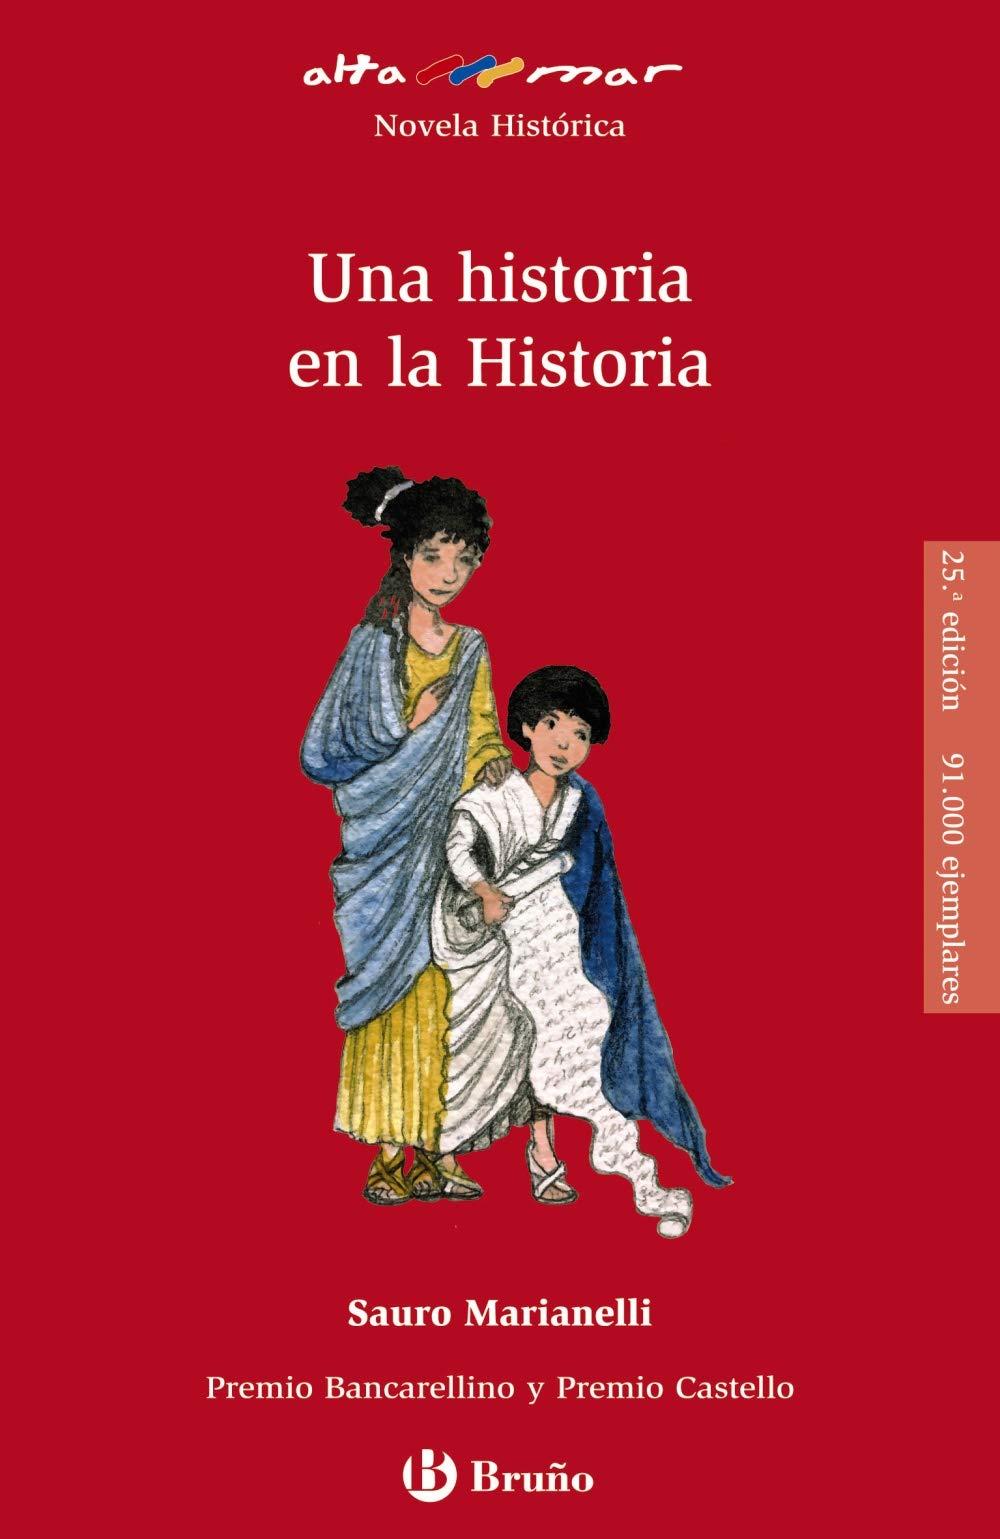 Una historia en la Historia Castellano - A Partir De 12 Años - Altamar: Amazon.es: Marianelli, Sauro, Cicuéndez, Juan Manuel: Libros